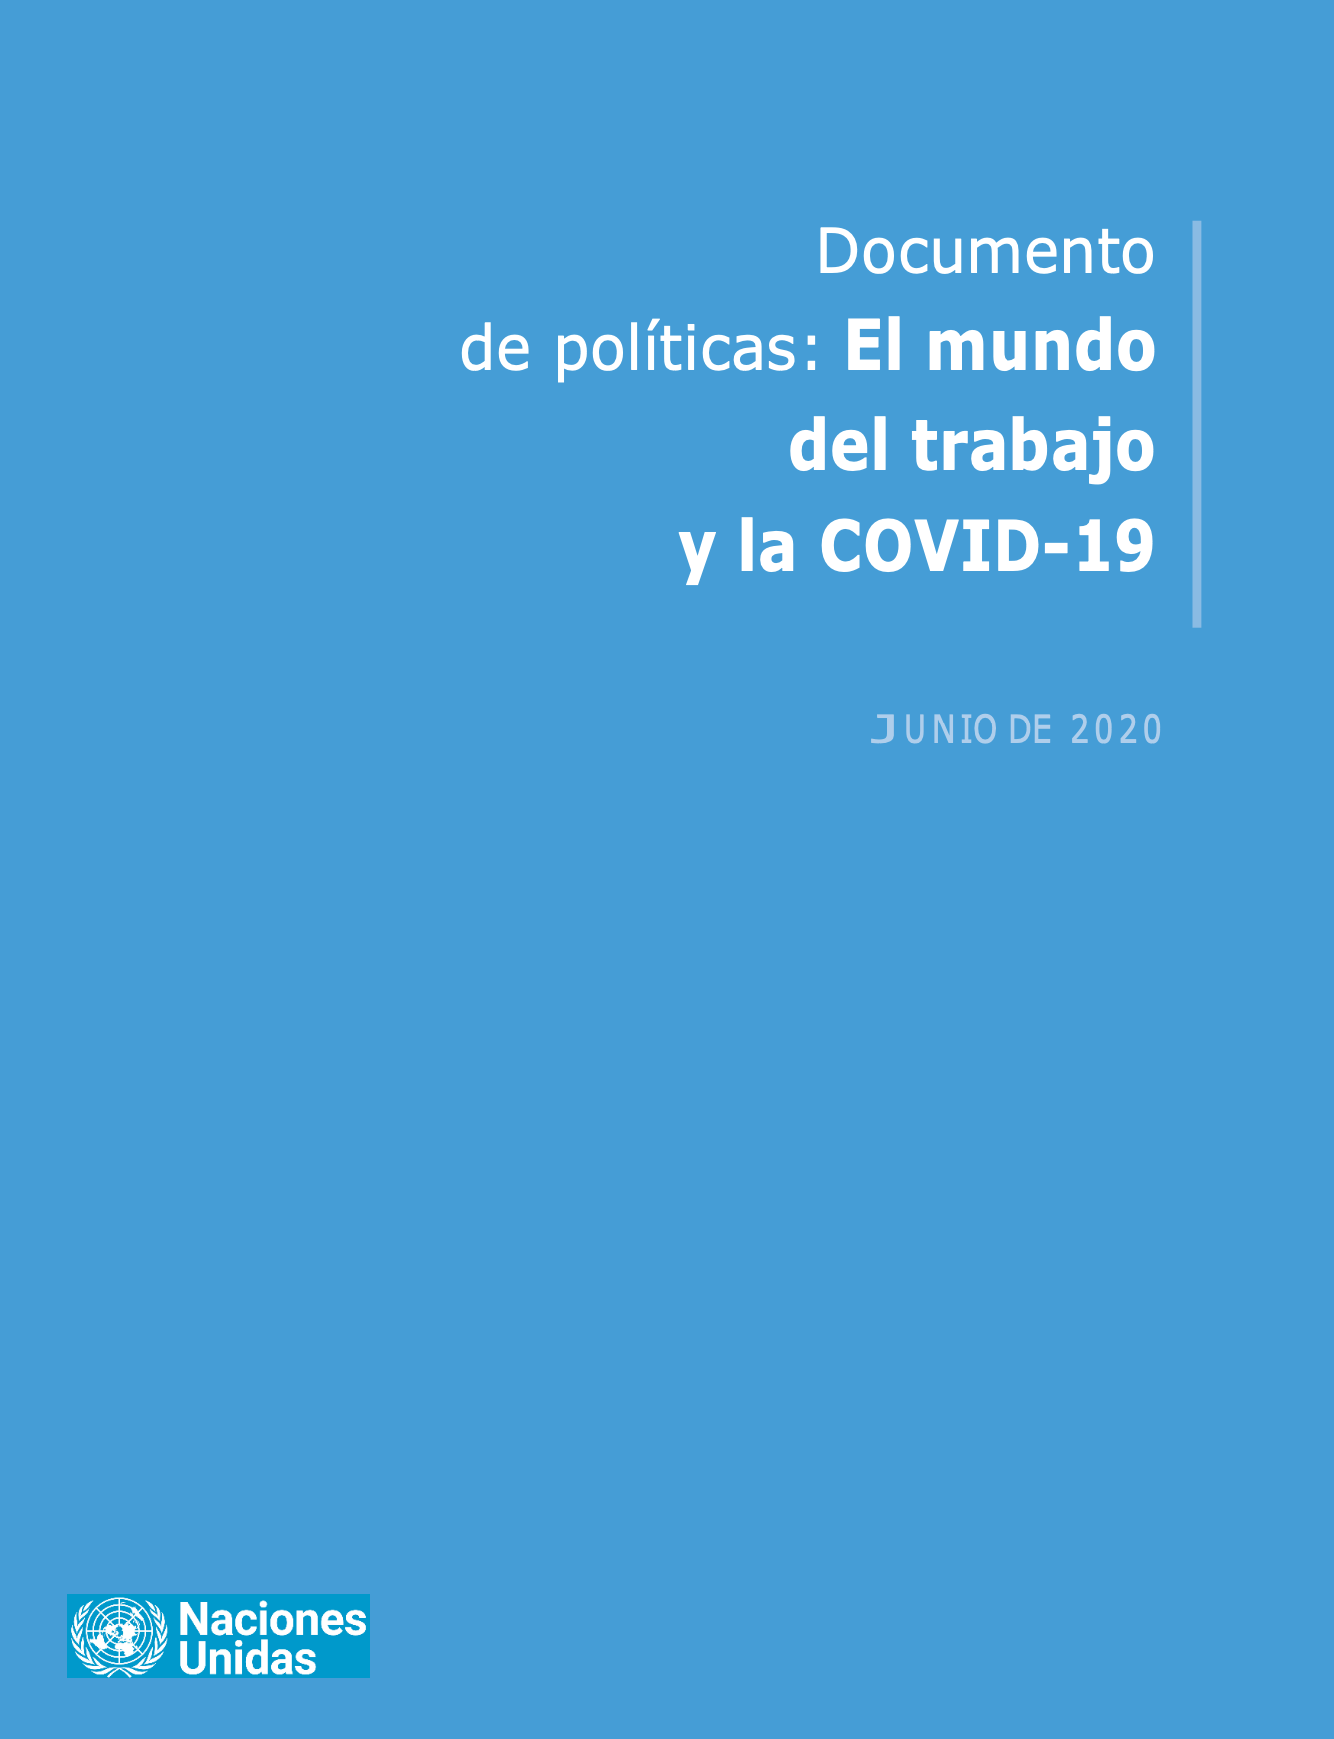 Informe de política del Secretario General: El Mundo del trabajo y la COVID-19